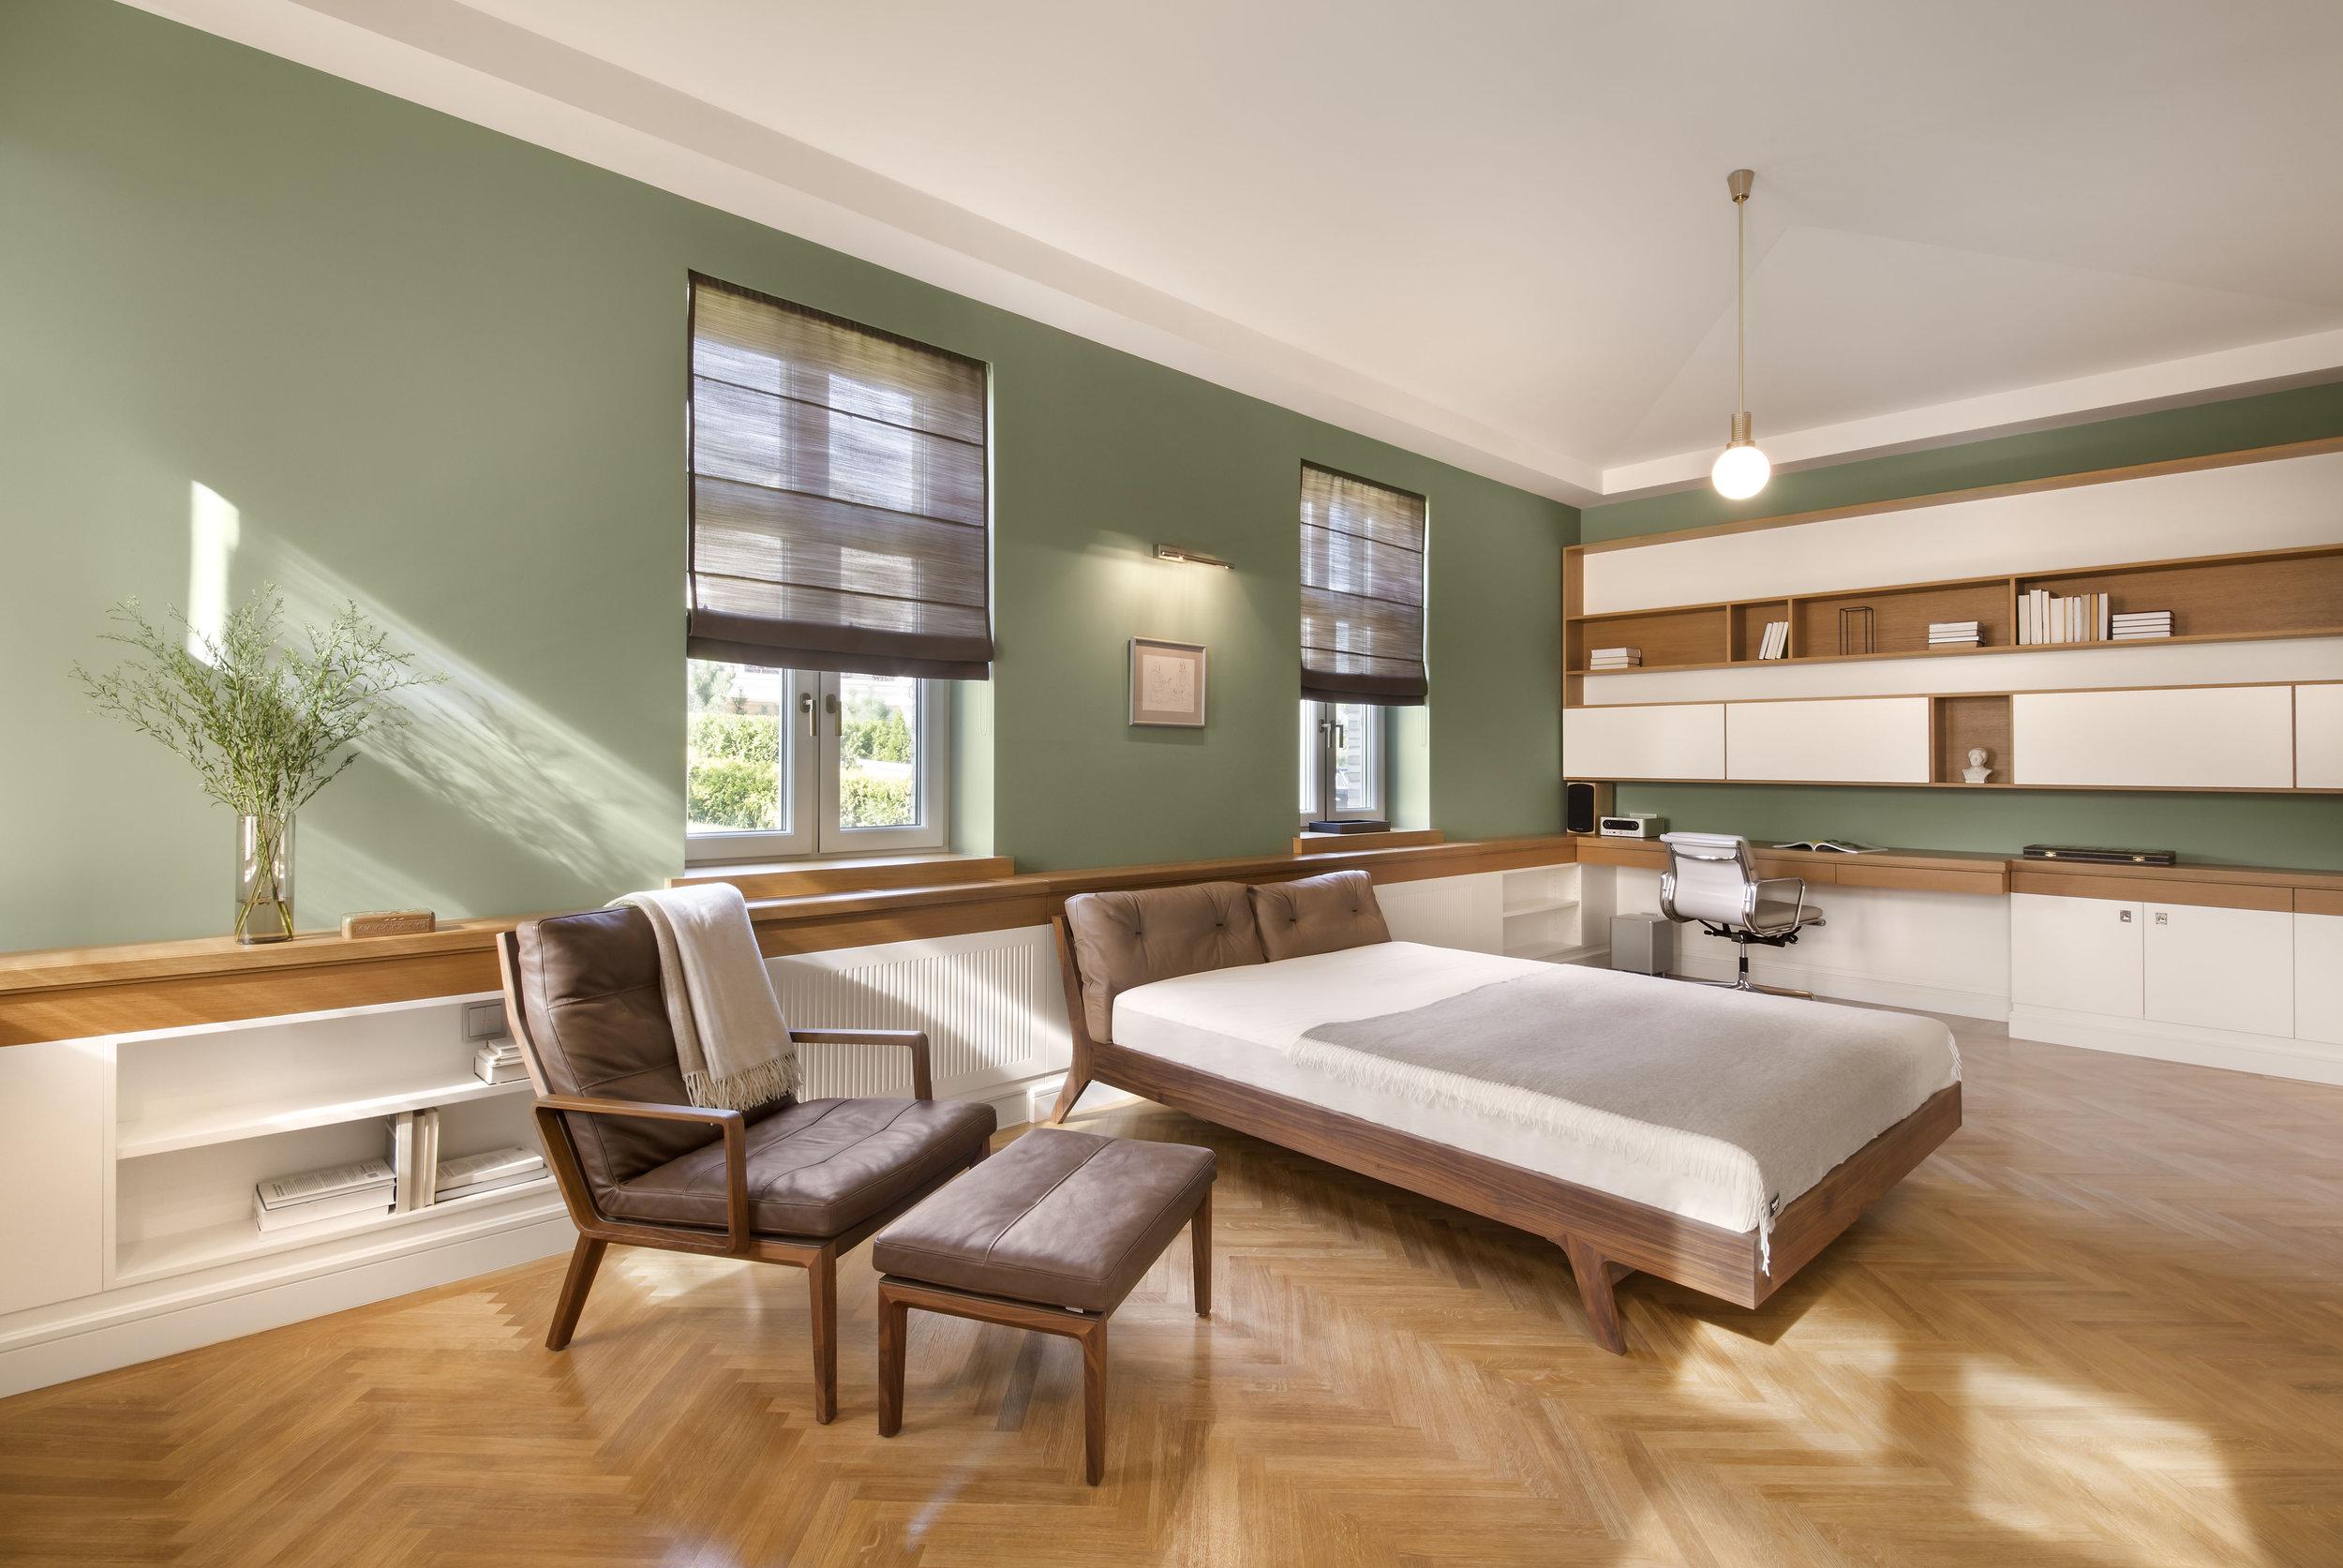 miras-villa_private-architecture-interior-design_coordination-berlin_06.jpg